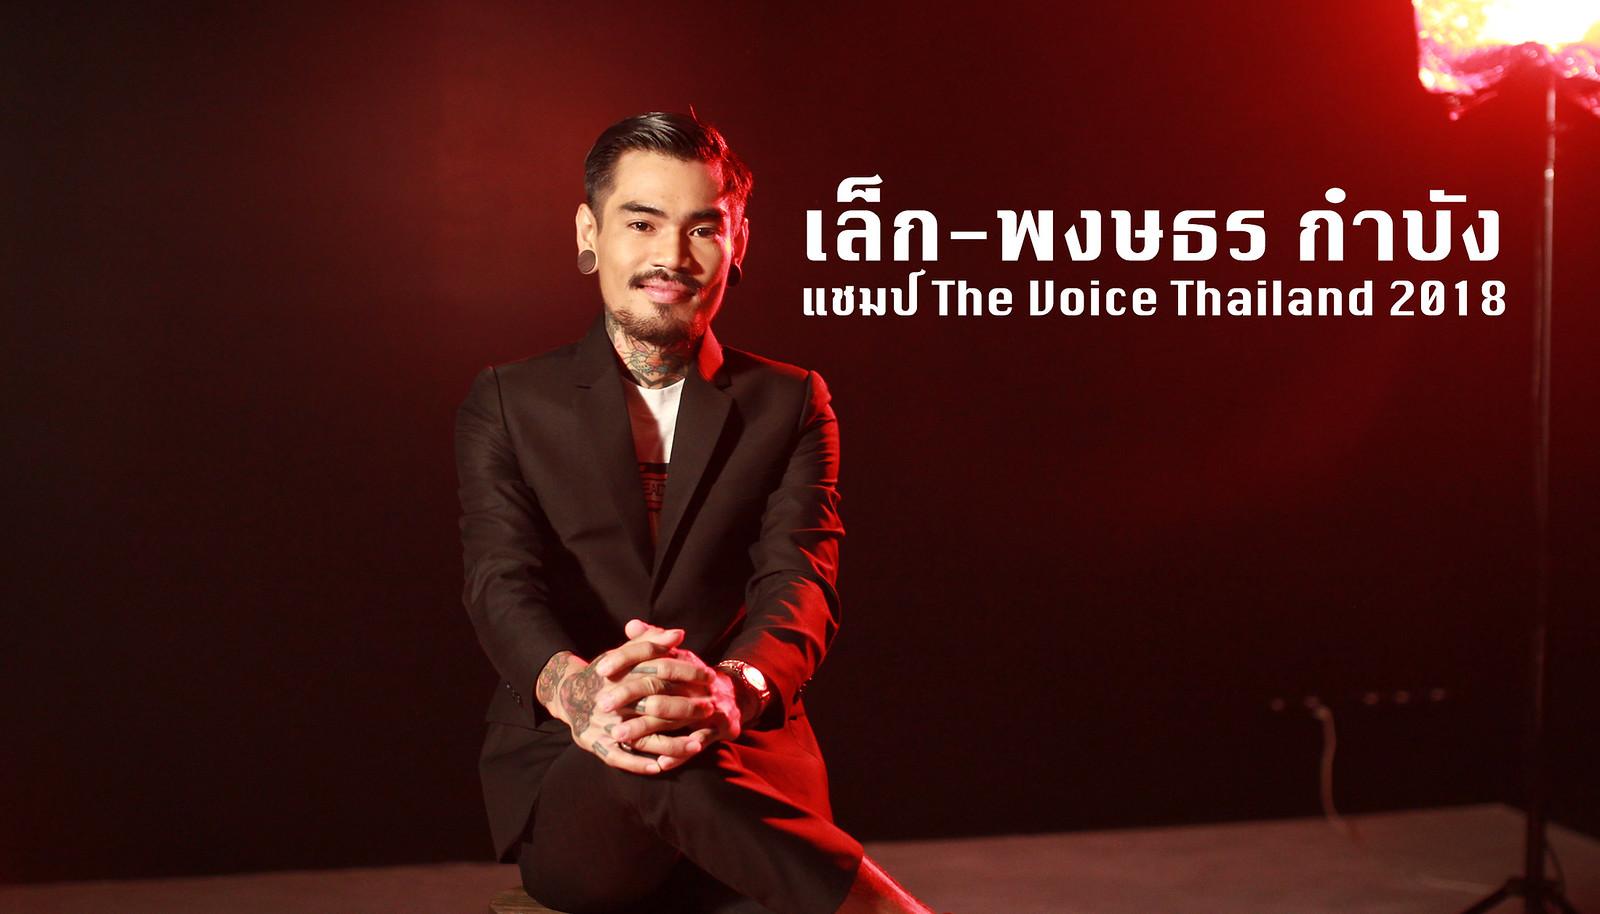 เล็ก-พงษธร กำบัง แชมป์ The Voice Thailand 2018 คนล่าสุด